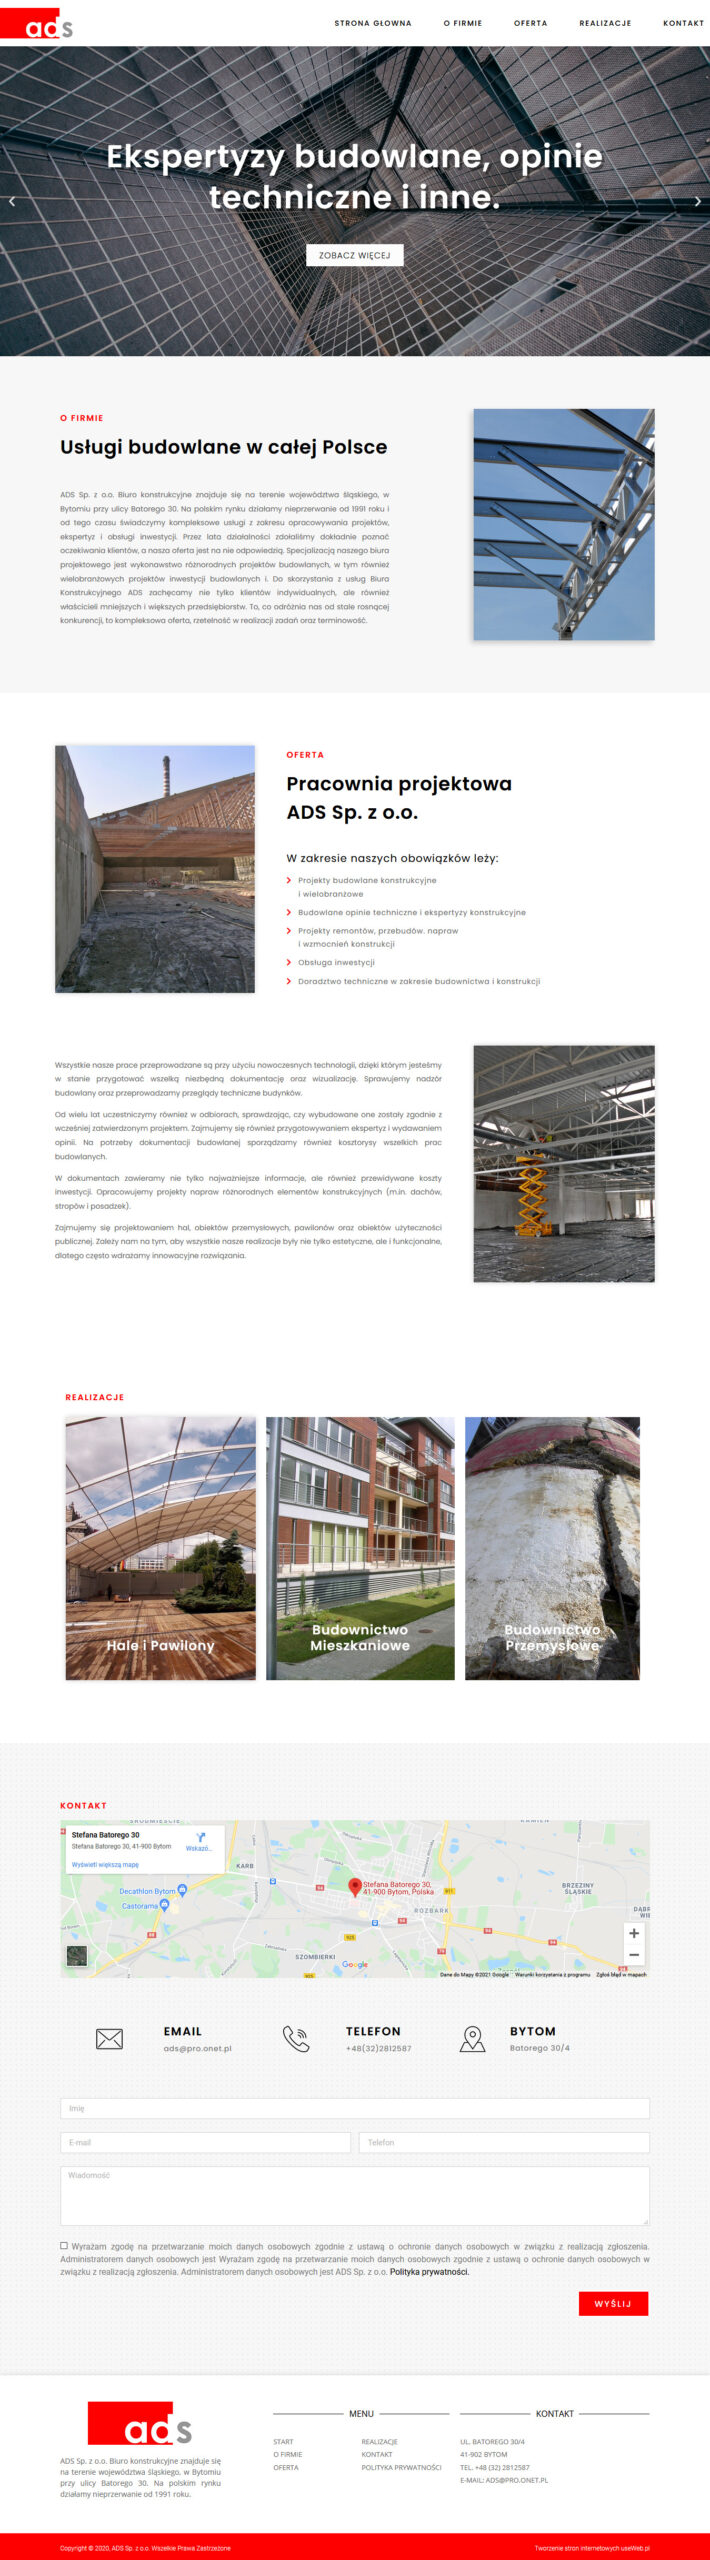 portfolio-ads-konstrukcje-tworzenie-stron-internetowych-useweb